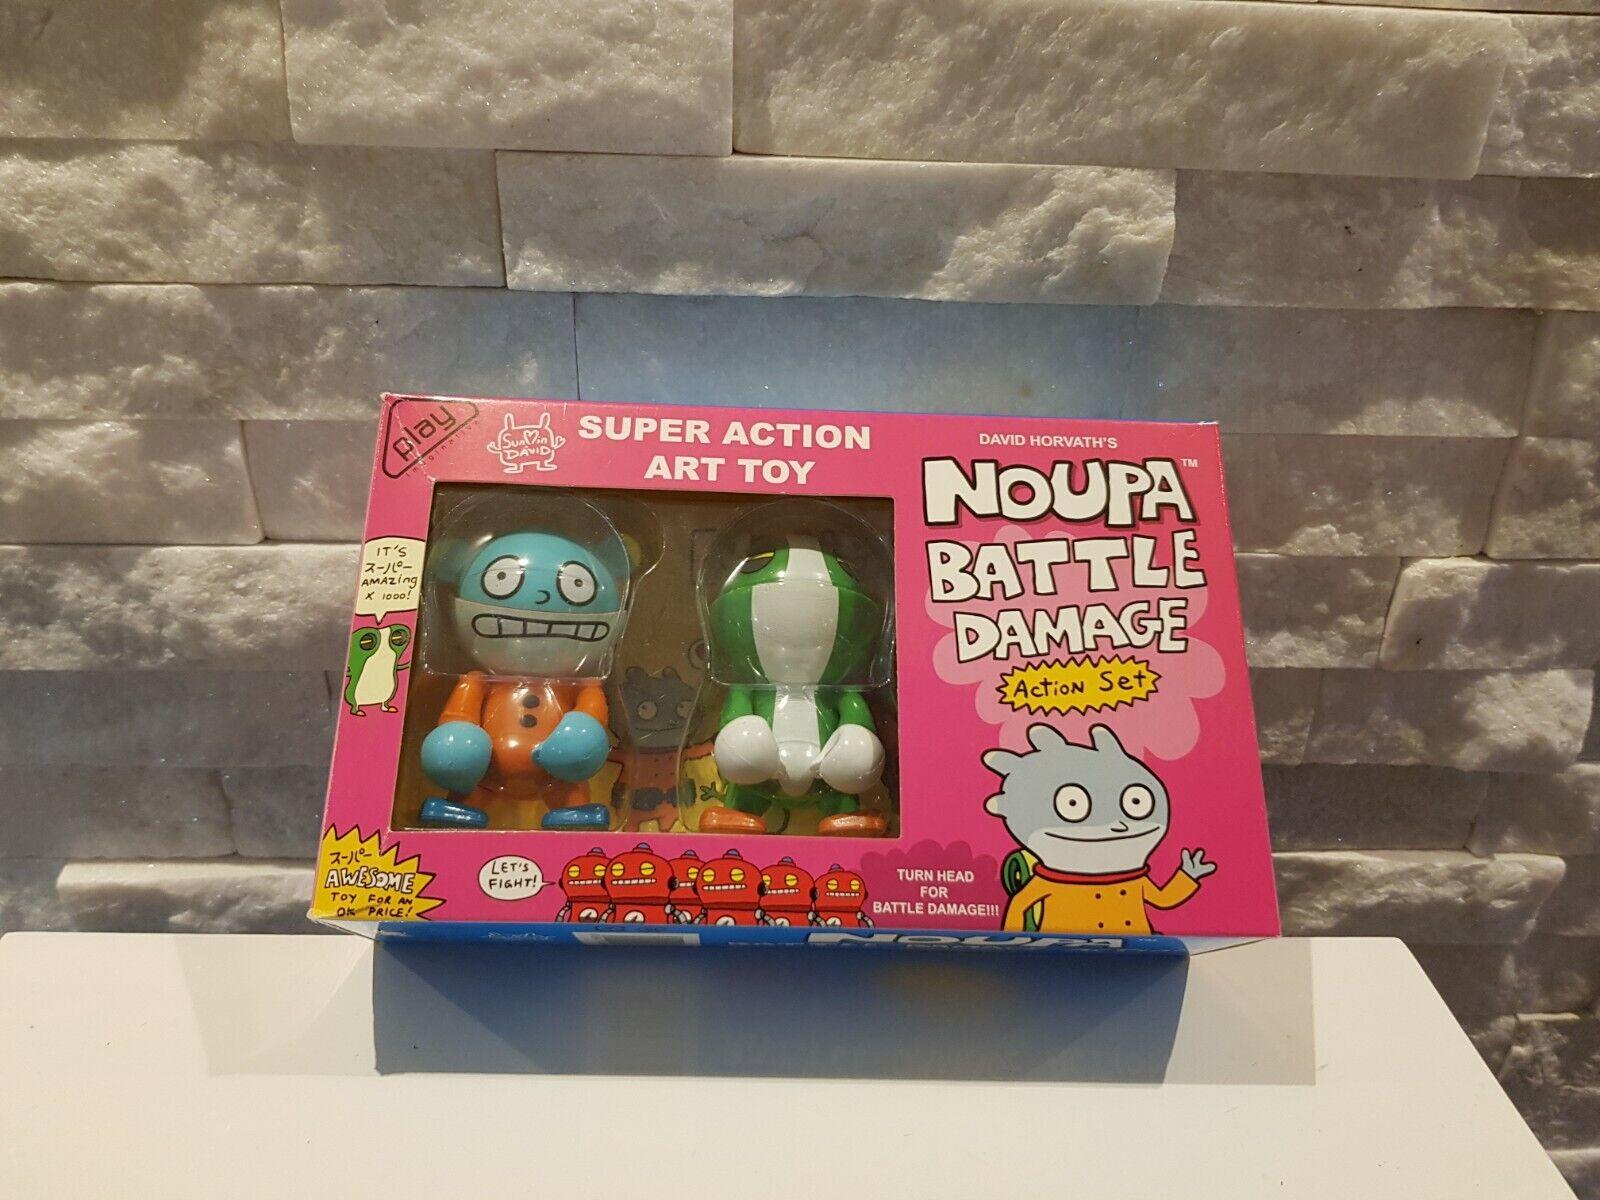 Play  Imaginative Noupa Battle Damage azione Trexi Set  David Horvath  per il tuo stile di gioco ai prezzi più bassi